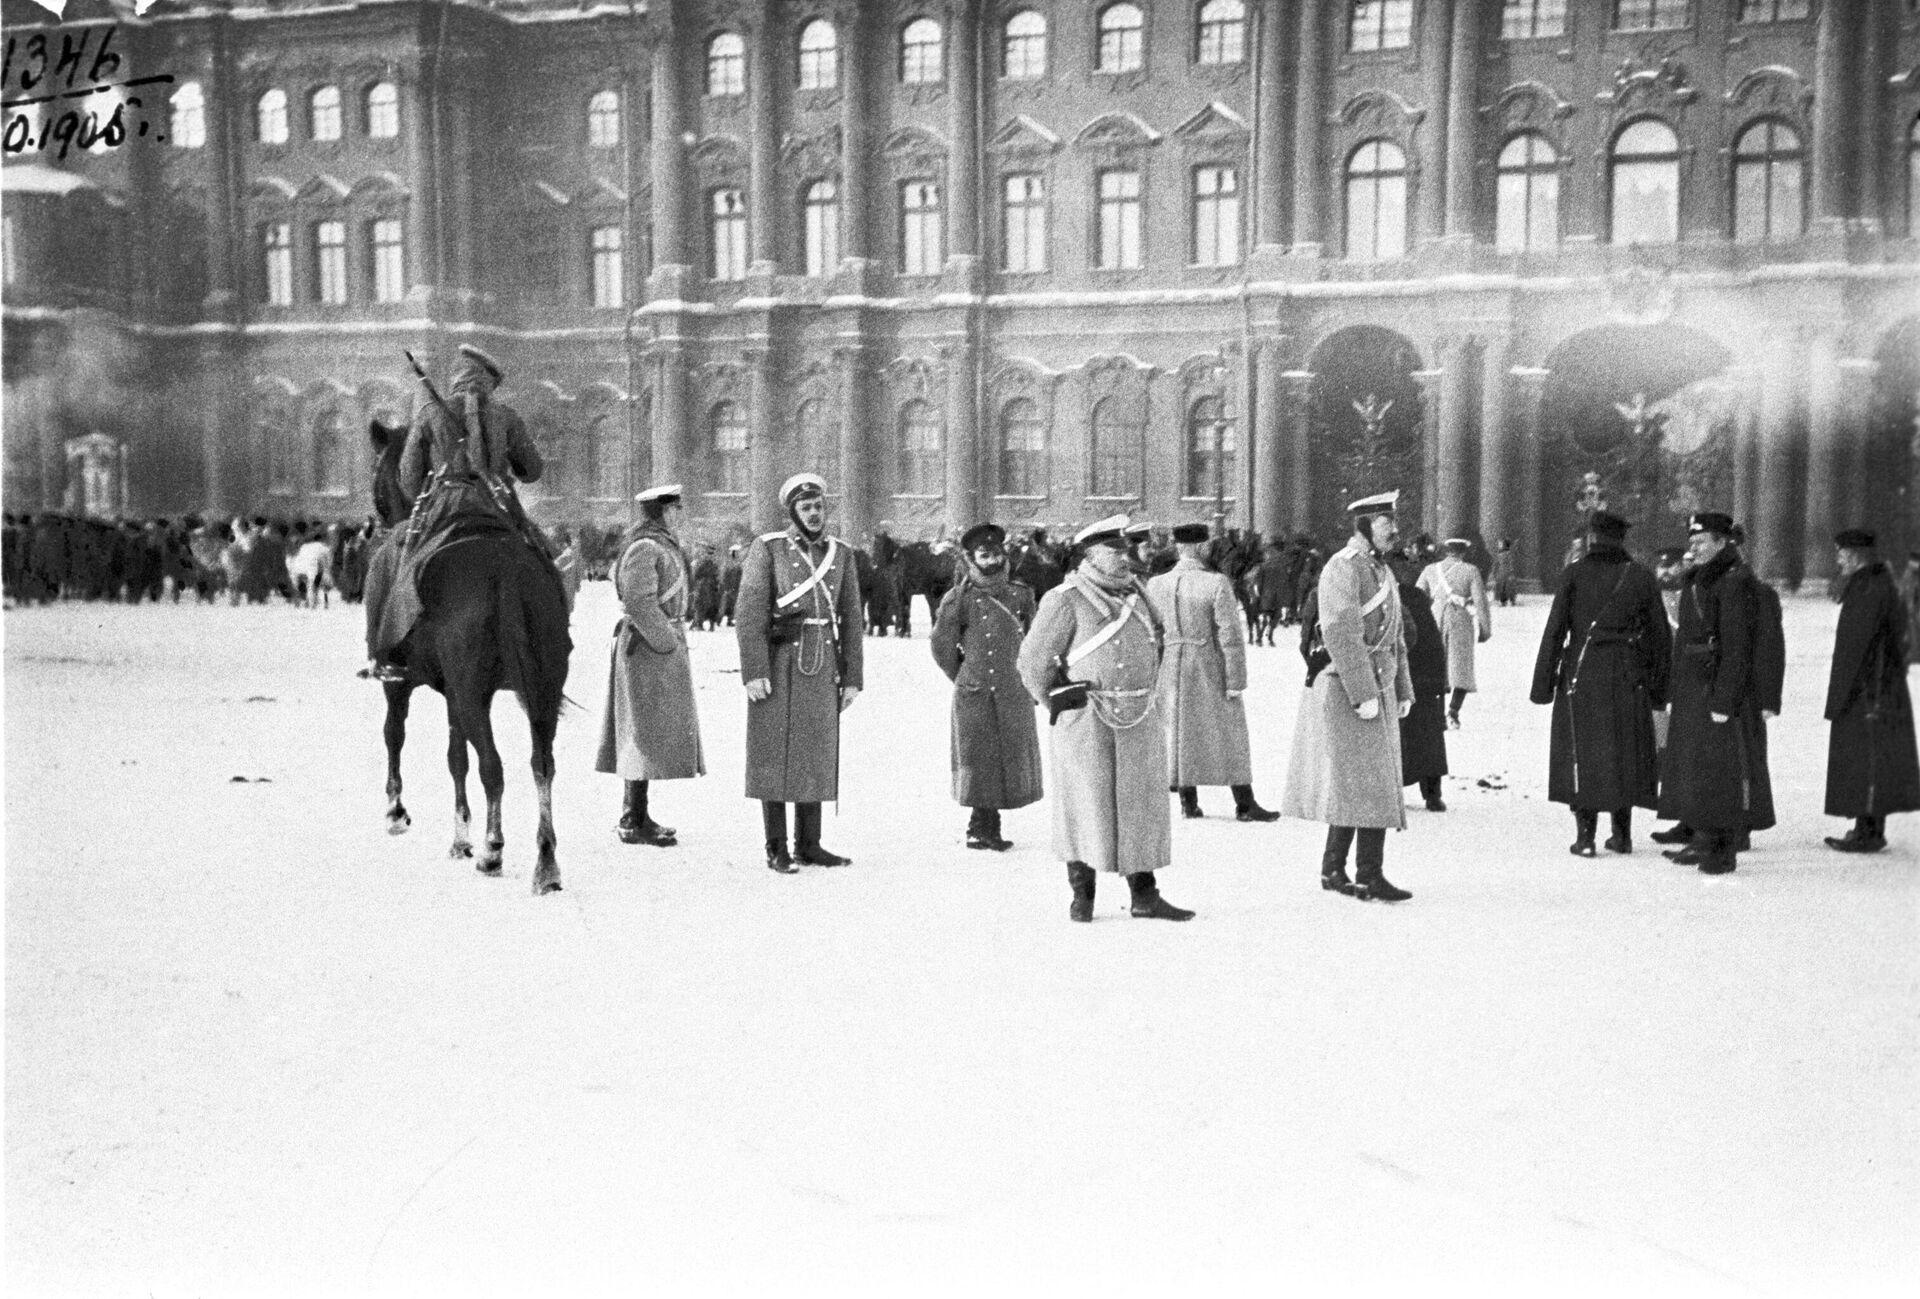 Кровавое воскресенье. Демонстрация петербургских рабочих 9 января 1905 года. - РИА Новости, 1920, 31.01.2021